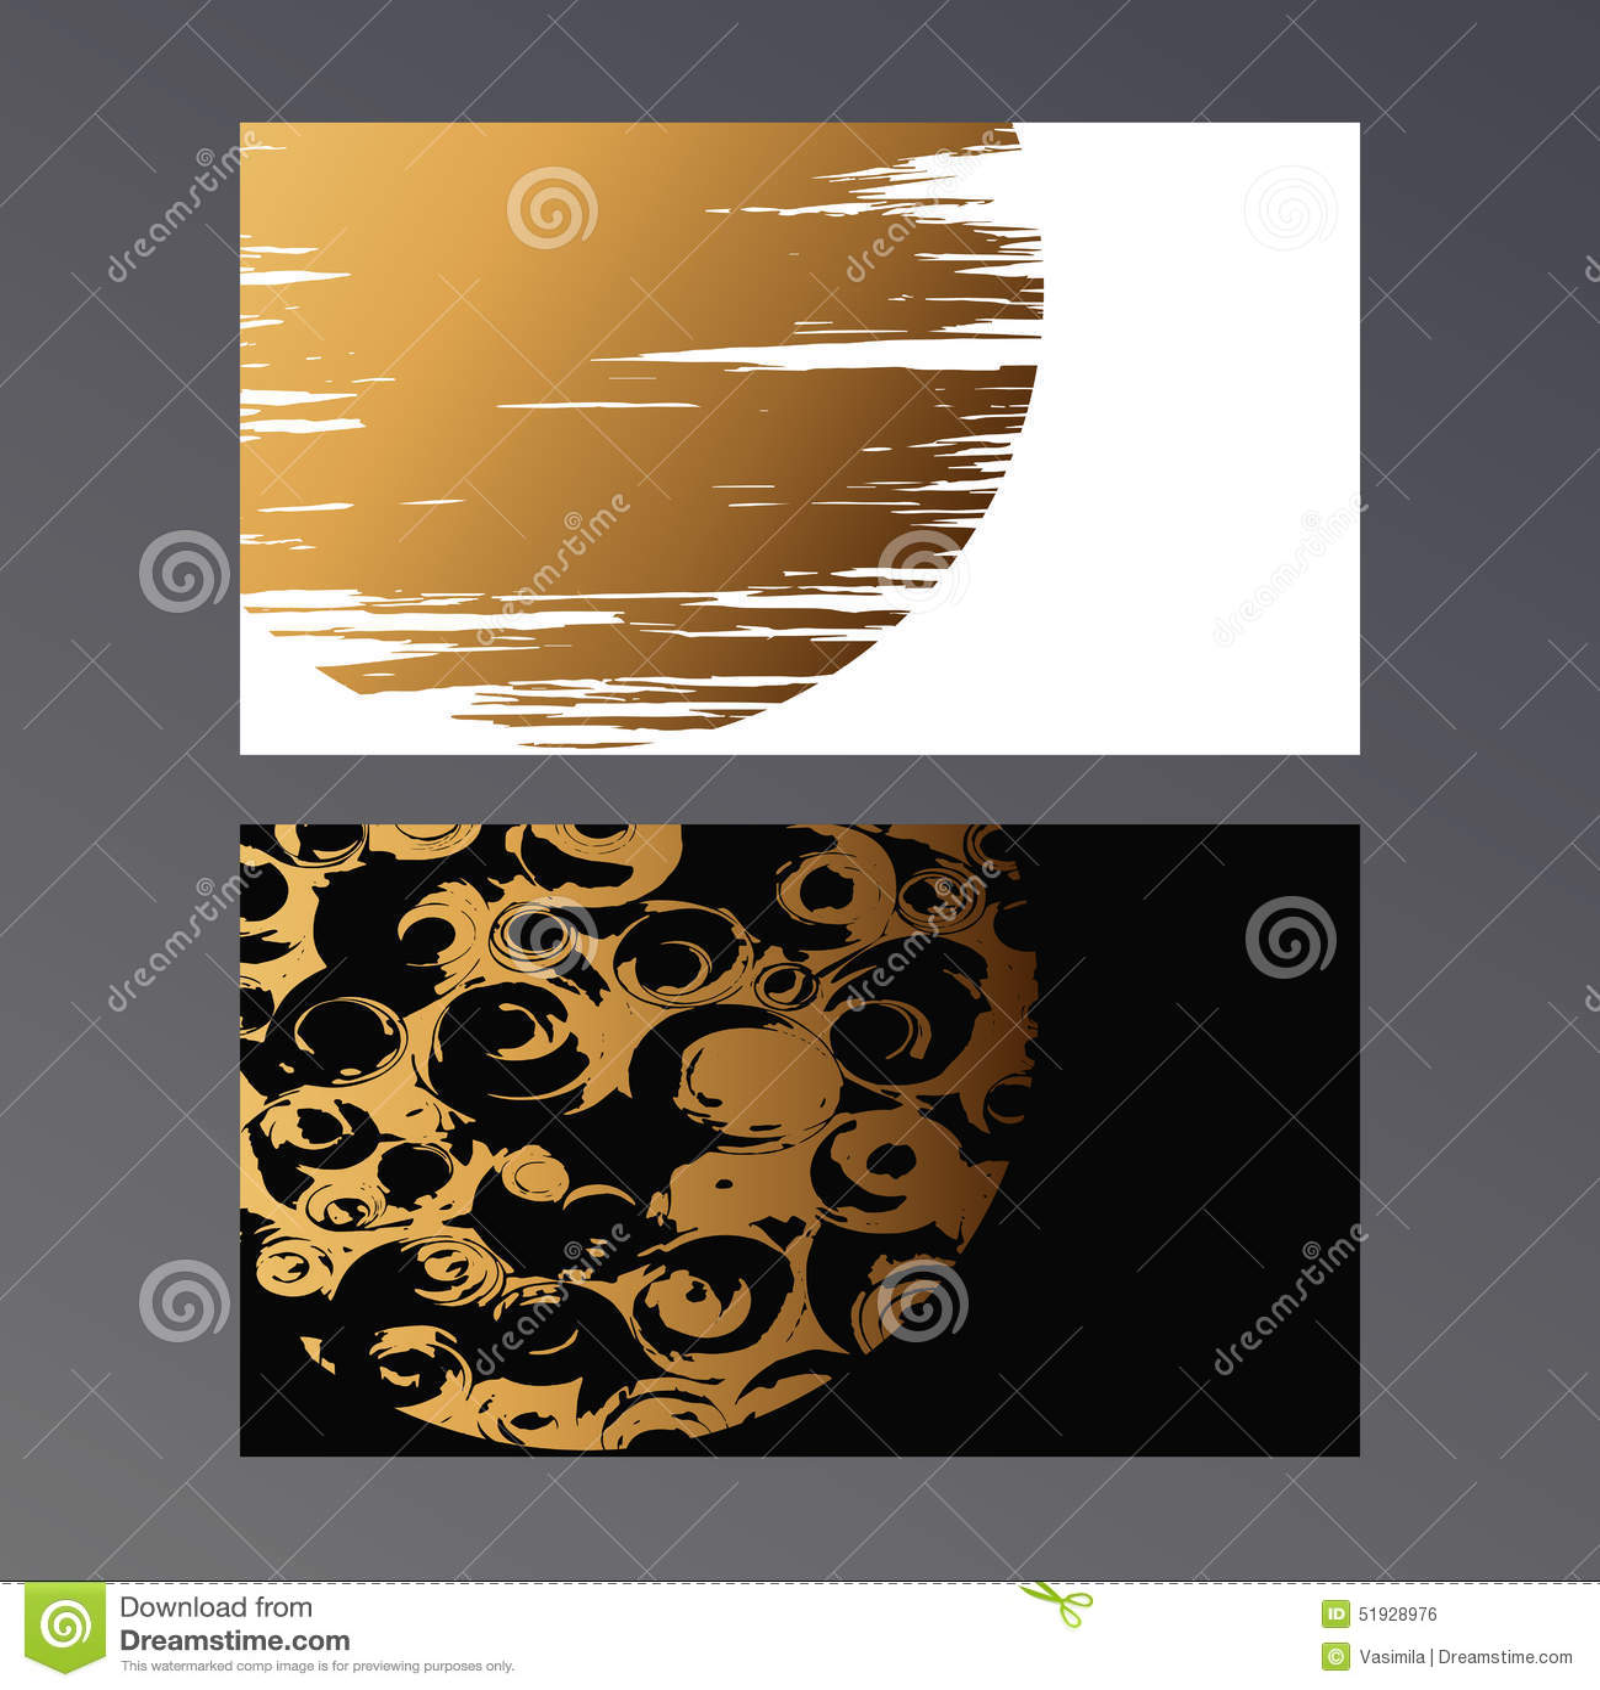 V card background images - Background Black Card